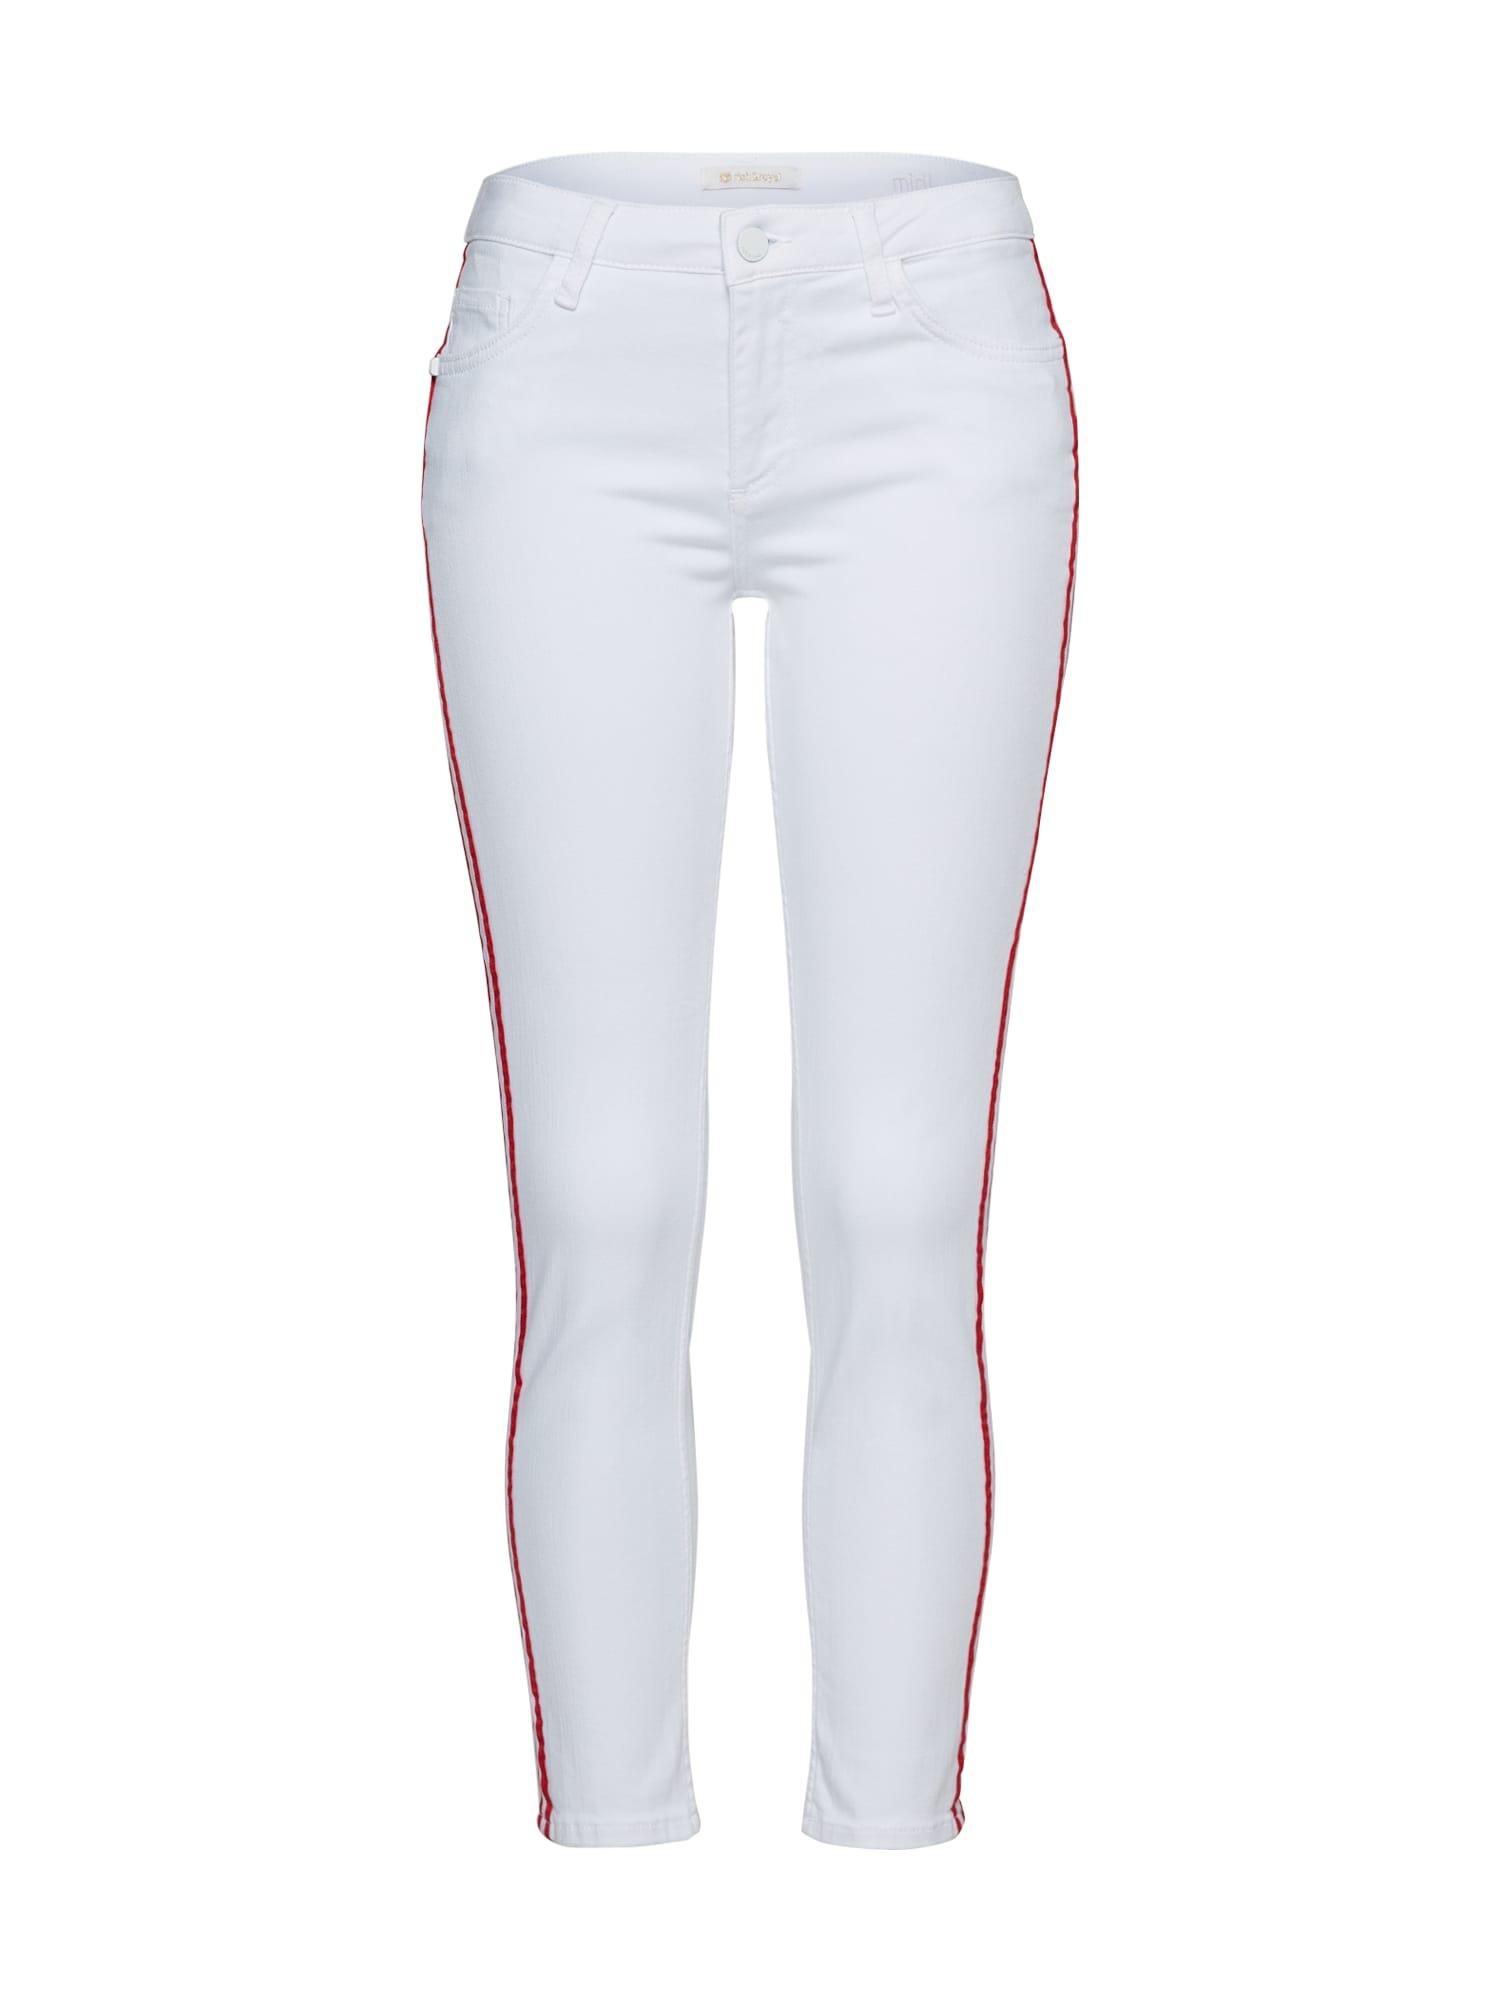 Džíny Midi - Stripe White - Jean červená bílá Rich & Royal